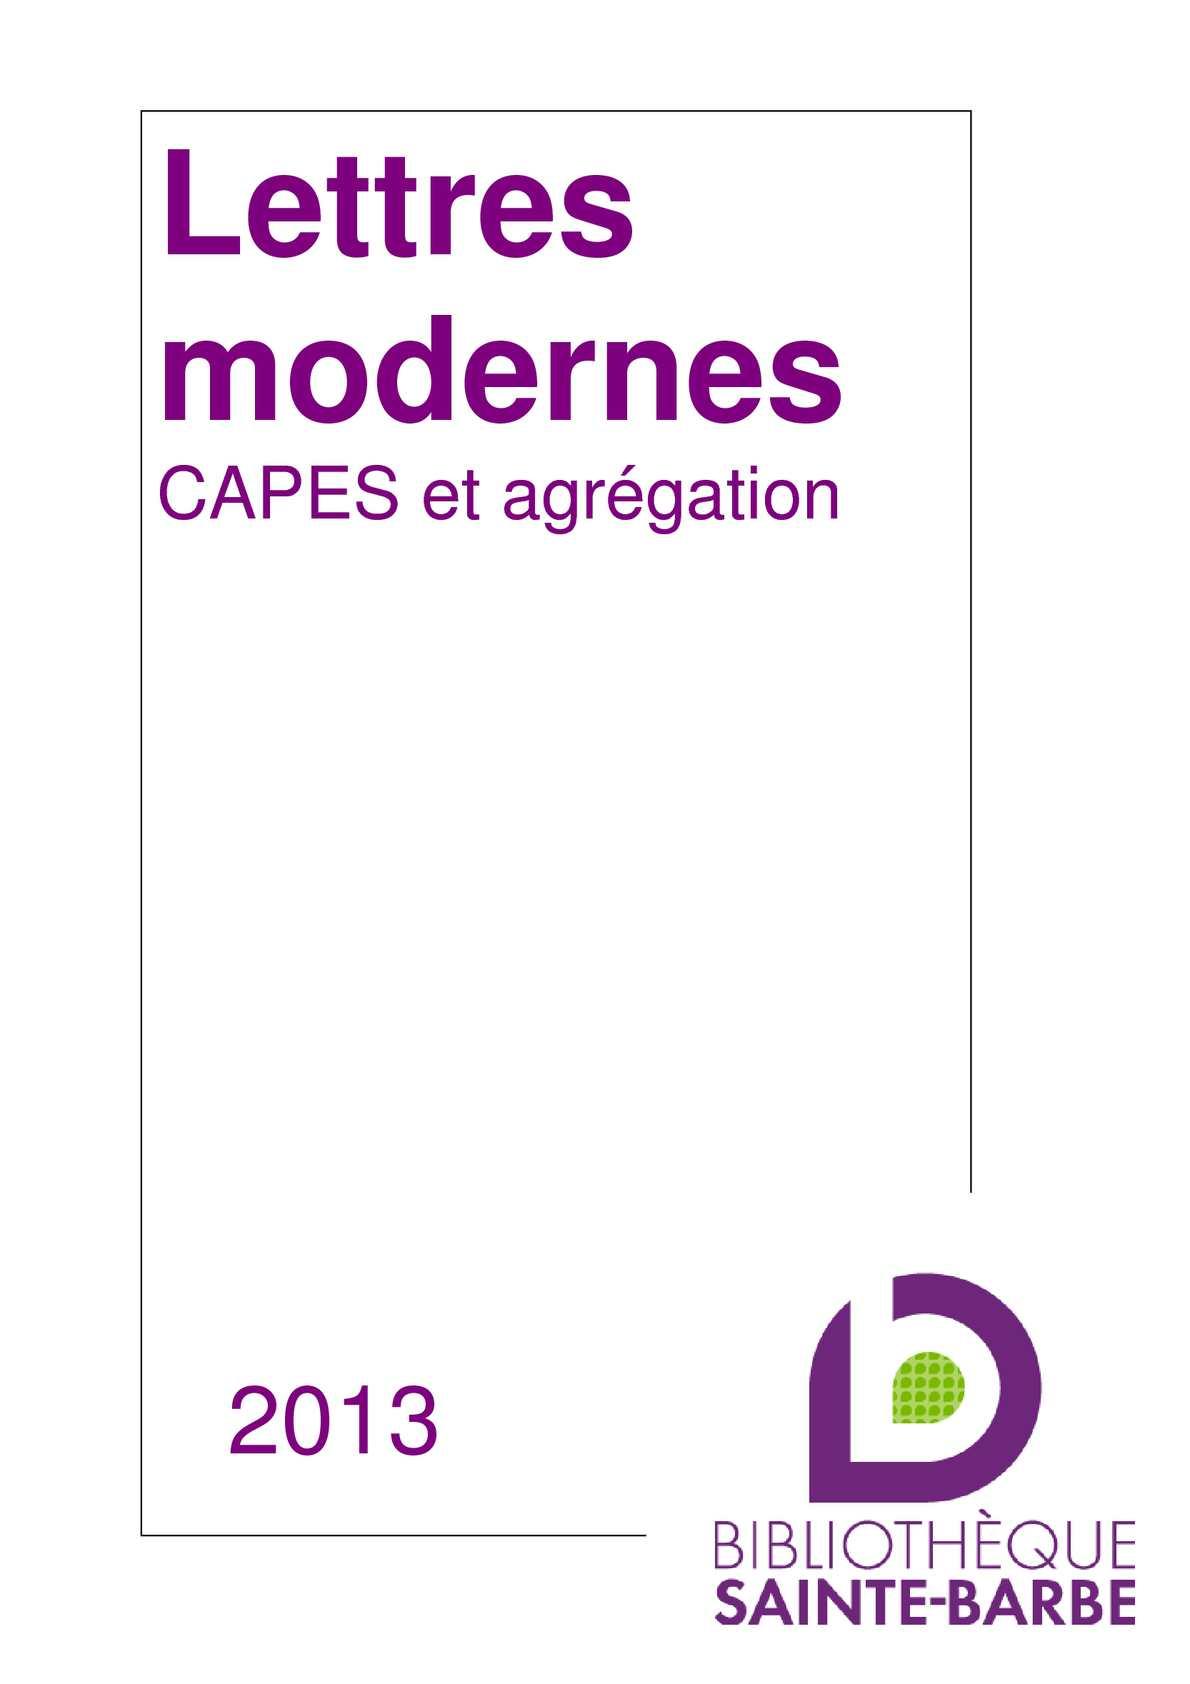 calam 233 o lettres modernes capes agr 233 gation 2013